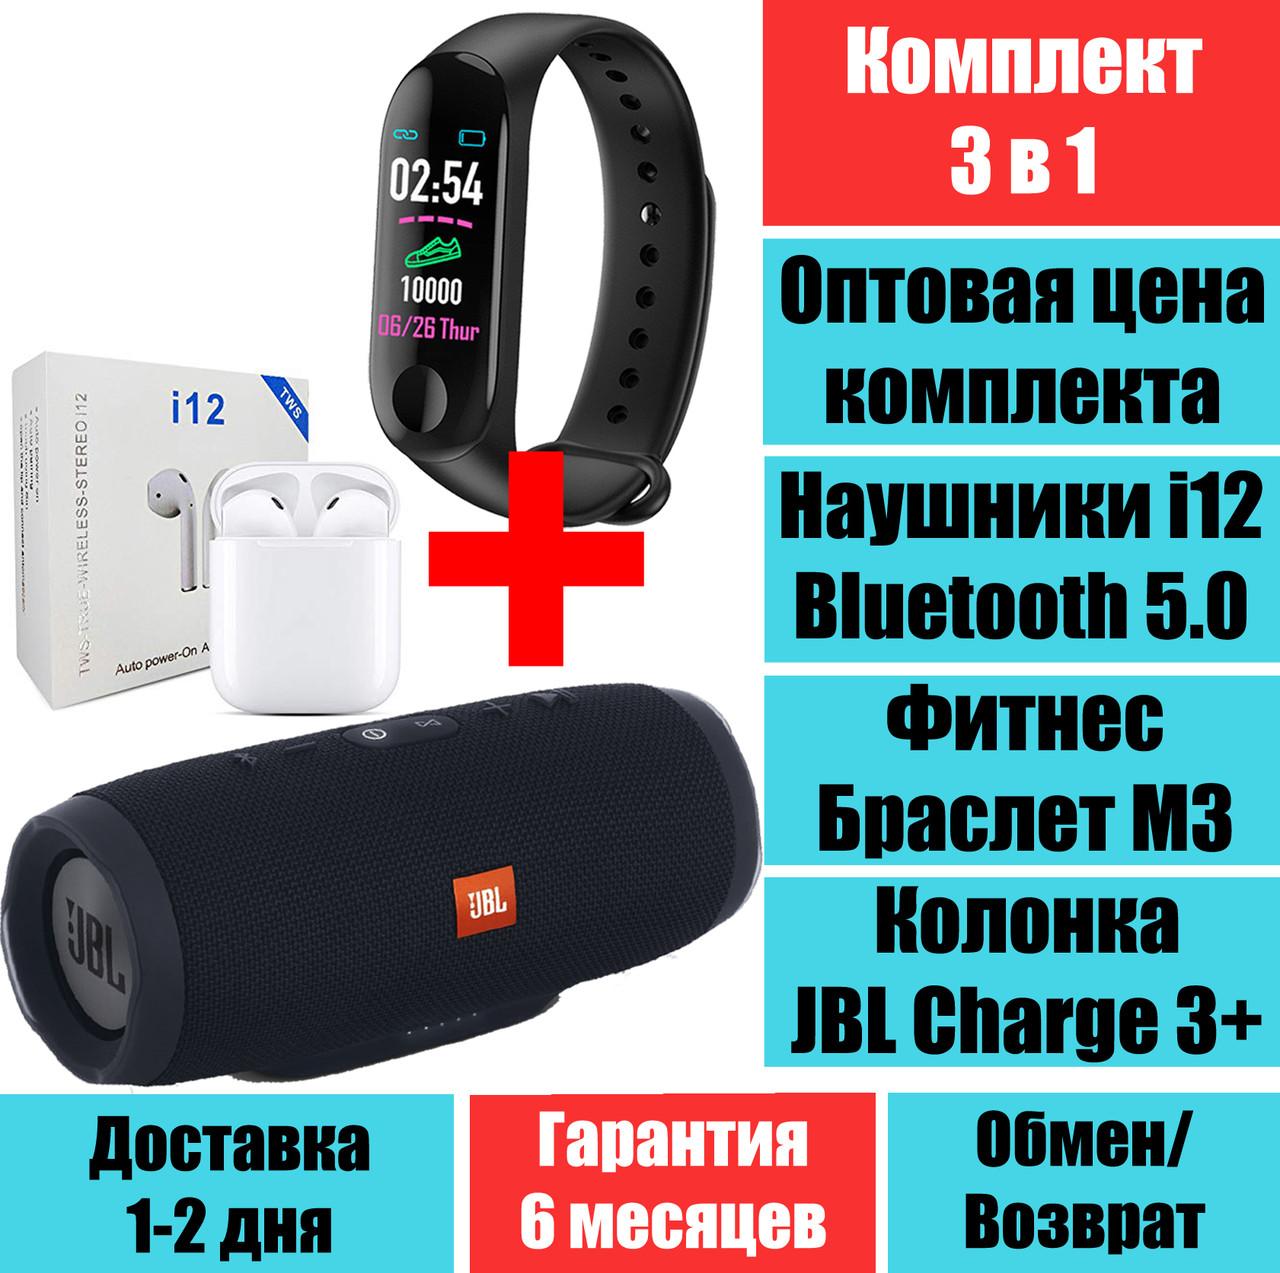 Фитнес браслет Mi band 3 Колонка JBL Charge 3+ наушники i12 Mini Bluetooth QualitiReplica Комплект